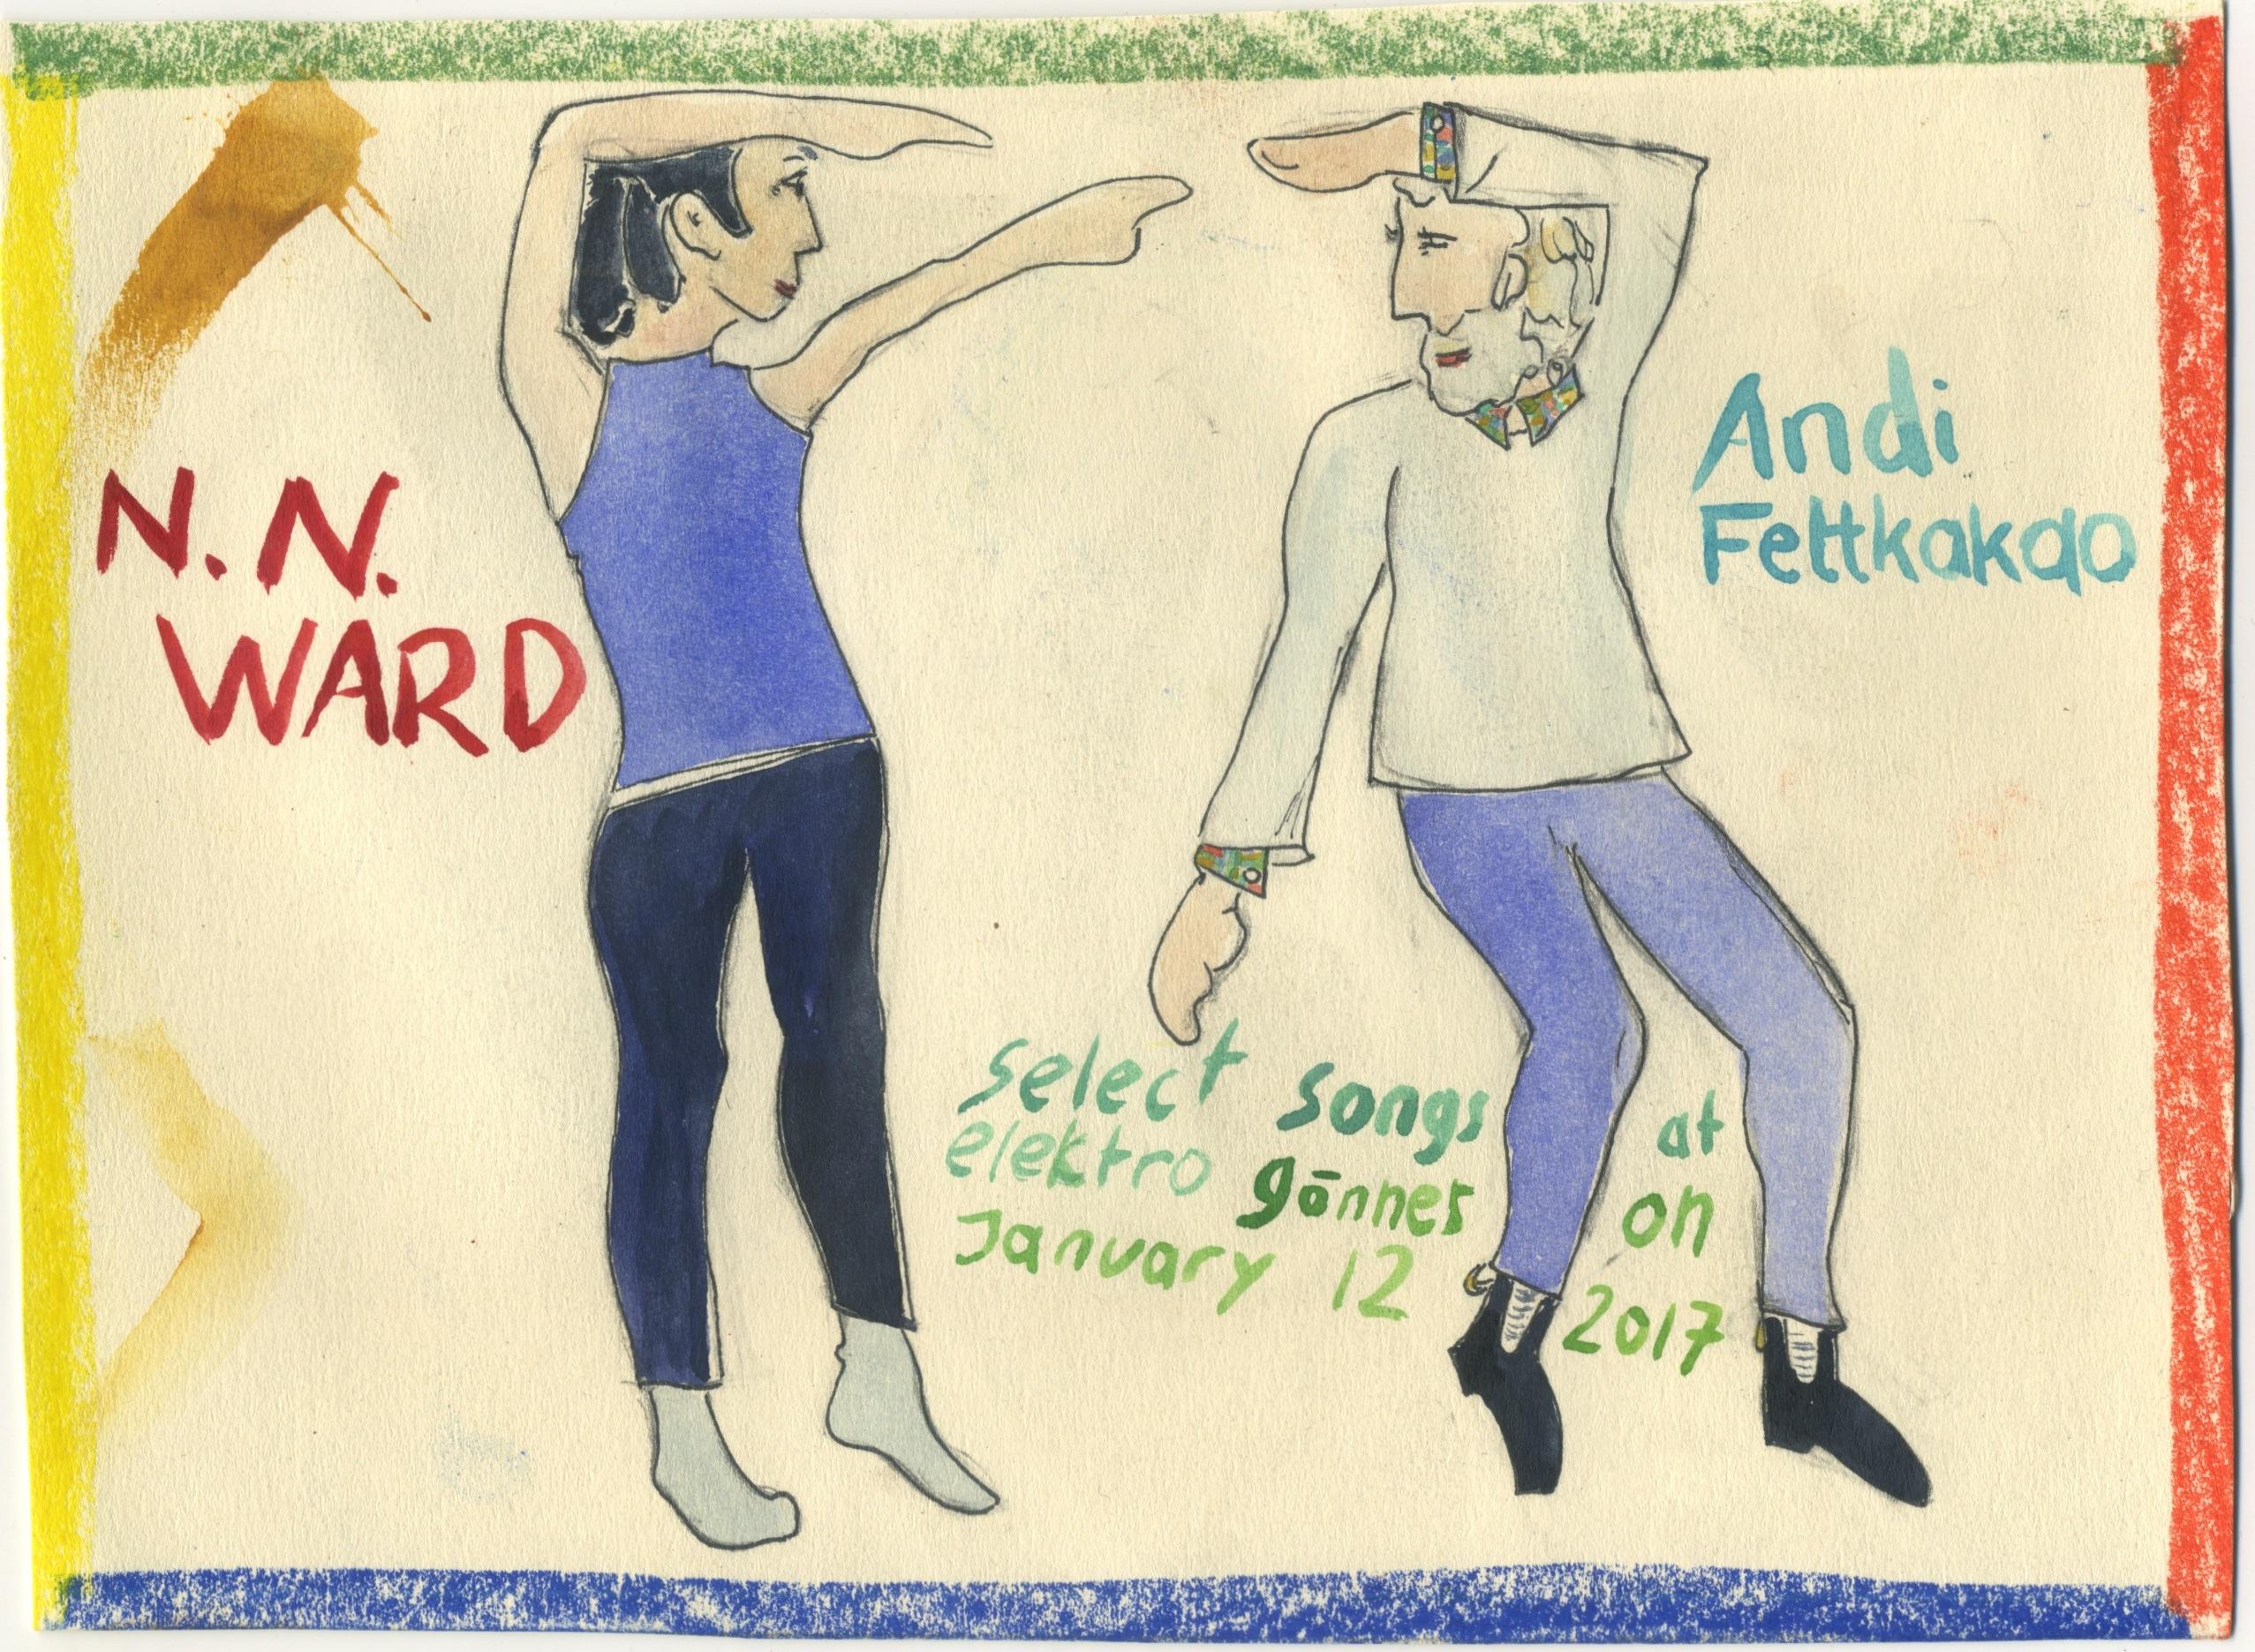 N.N.WARD & Andi Fettkakao